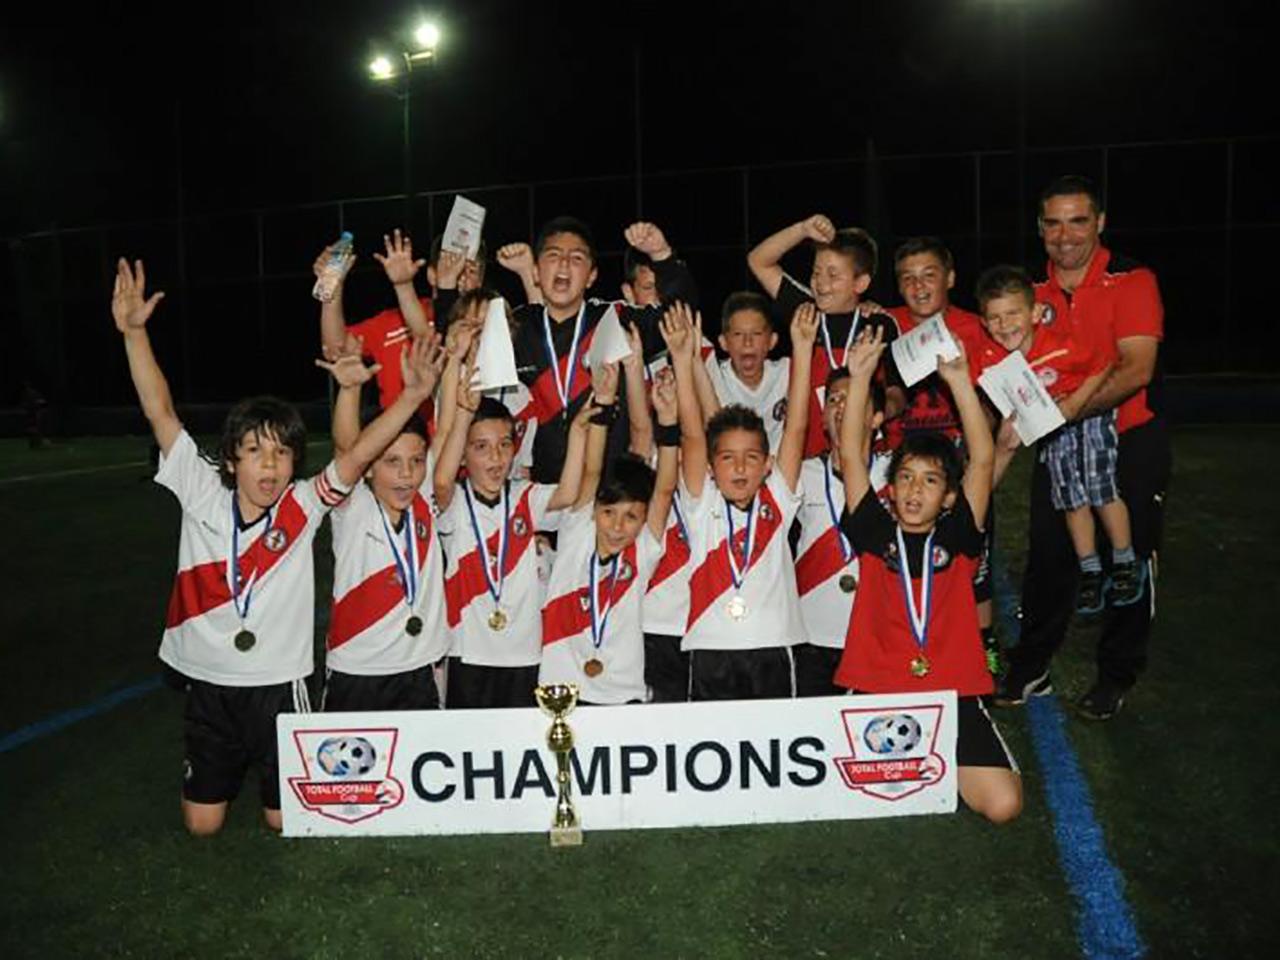 Τμήμα 3 Νικητές FC - Καλλιεργούμε τη νοοτροπία του Νικητή - Γέρακας, Παλλήνη